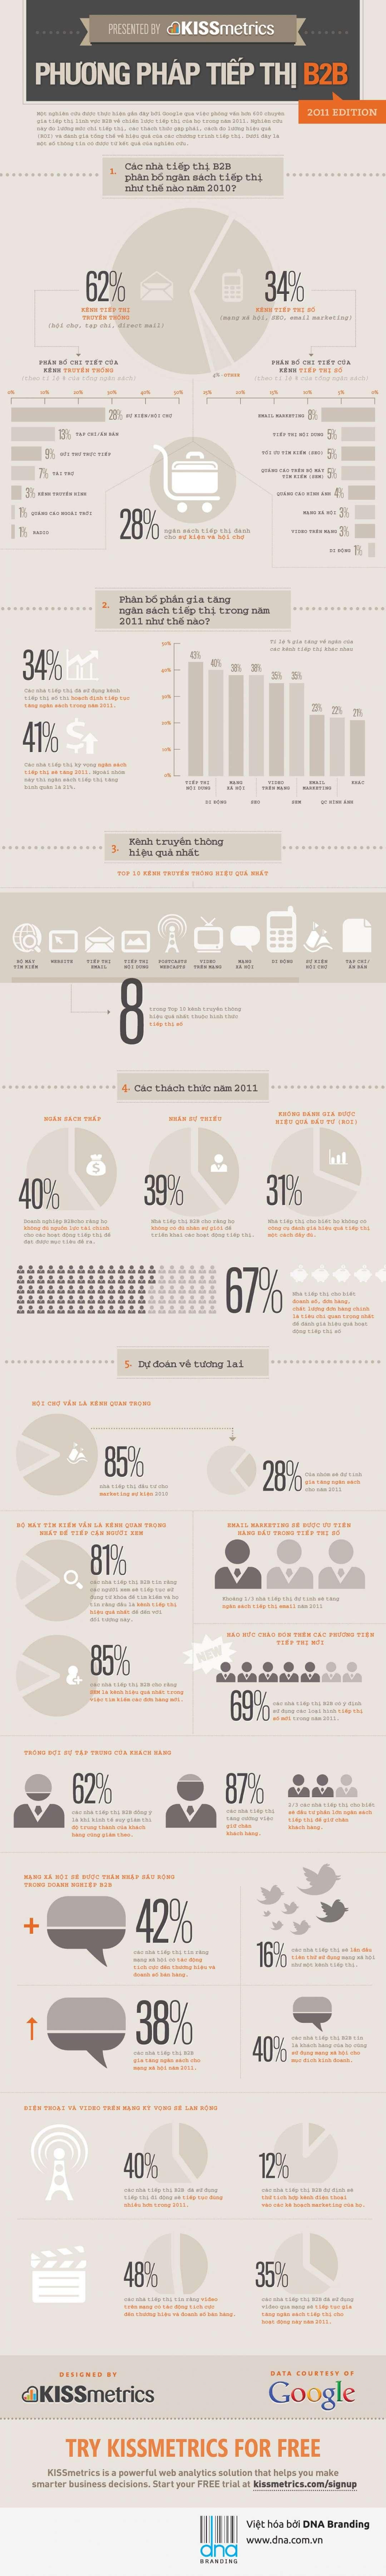 [Infographic] Phương pháp tiếp thị B2B - marketing tiếp thị B2B - Marketing